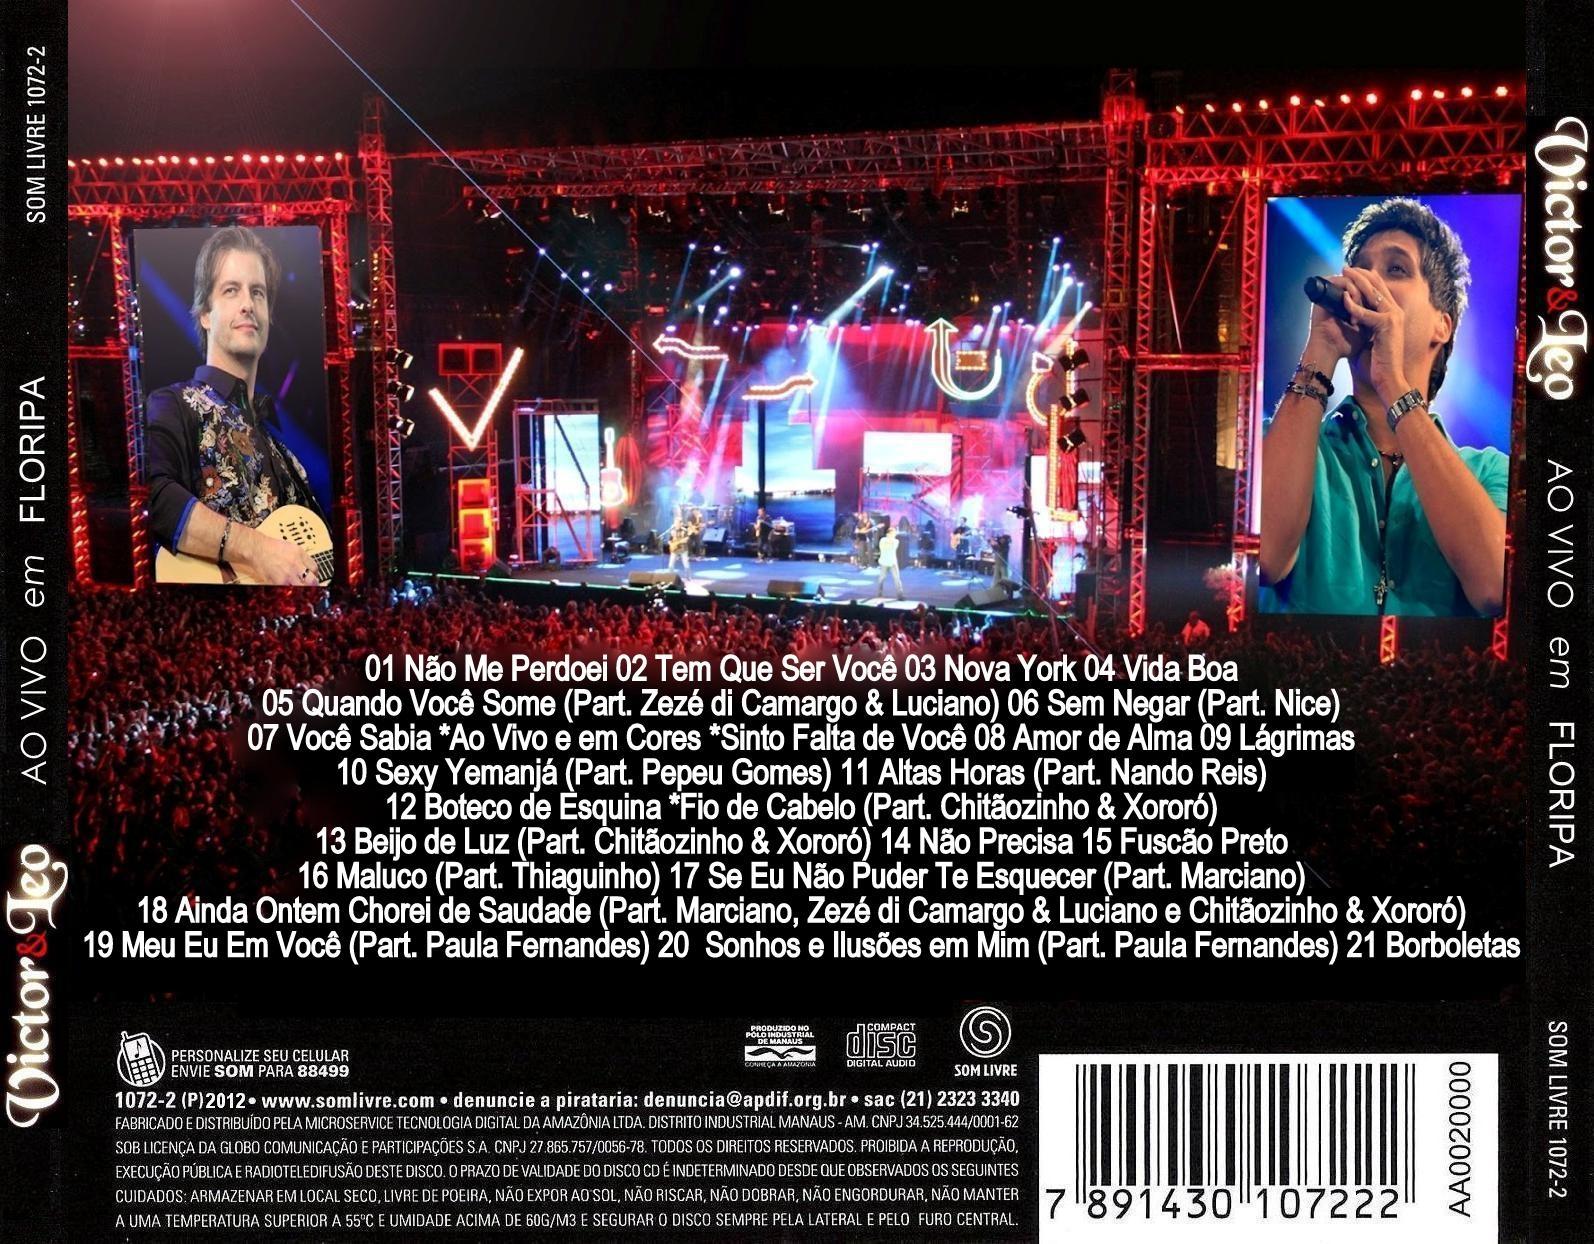 dvd completo de victor e leo em floripa